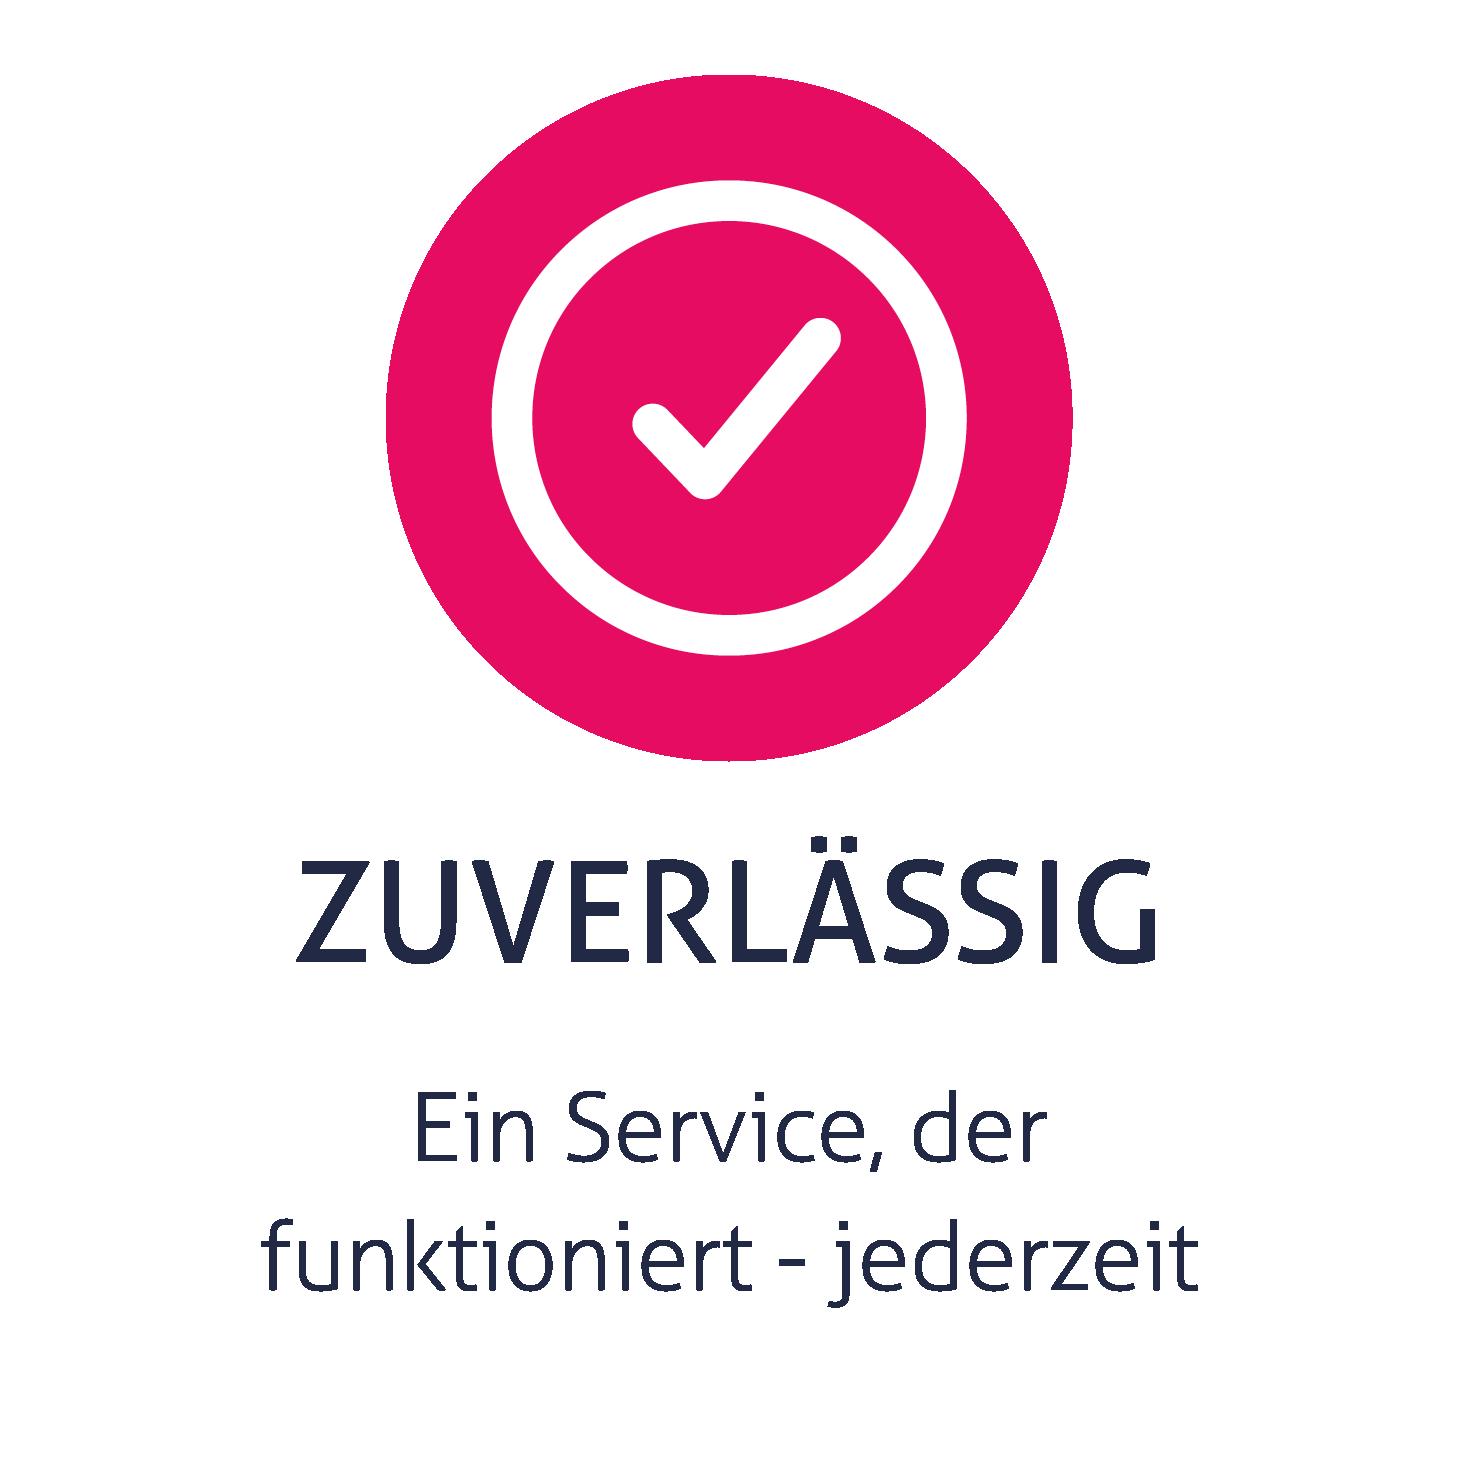 Ein Service, der funktioniert - jederzeit